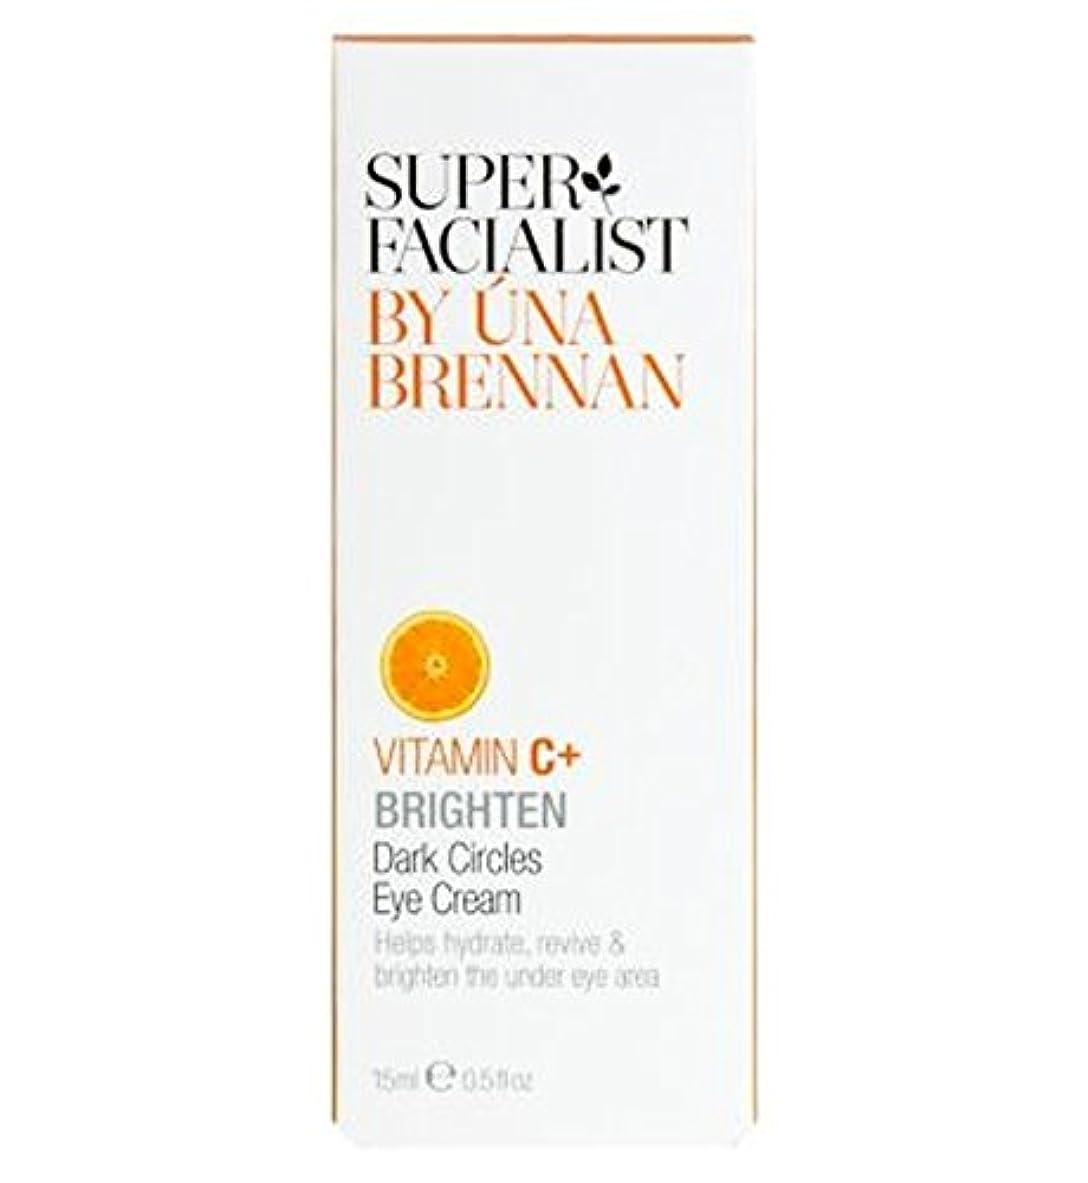 中間鋭く消化器Superfacialist Vitamin C+ Dark Circles Eye Cream 15ml - SuperfacialistビタミンC +くまアイクリーム15ミリリットル (Superfacialist)...